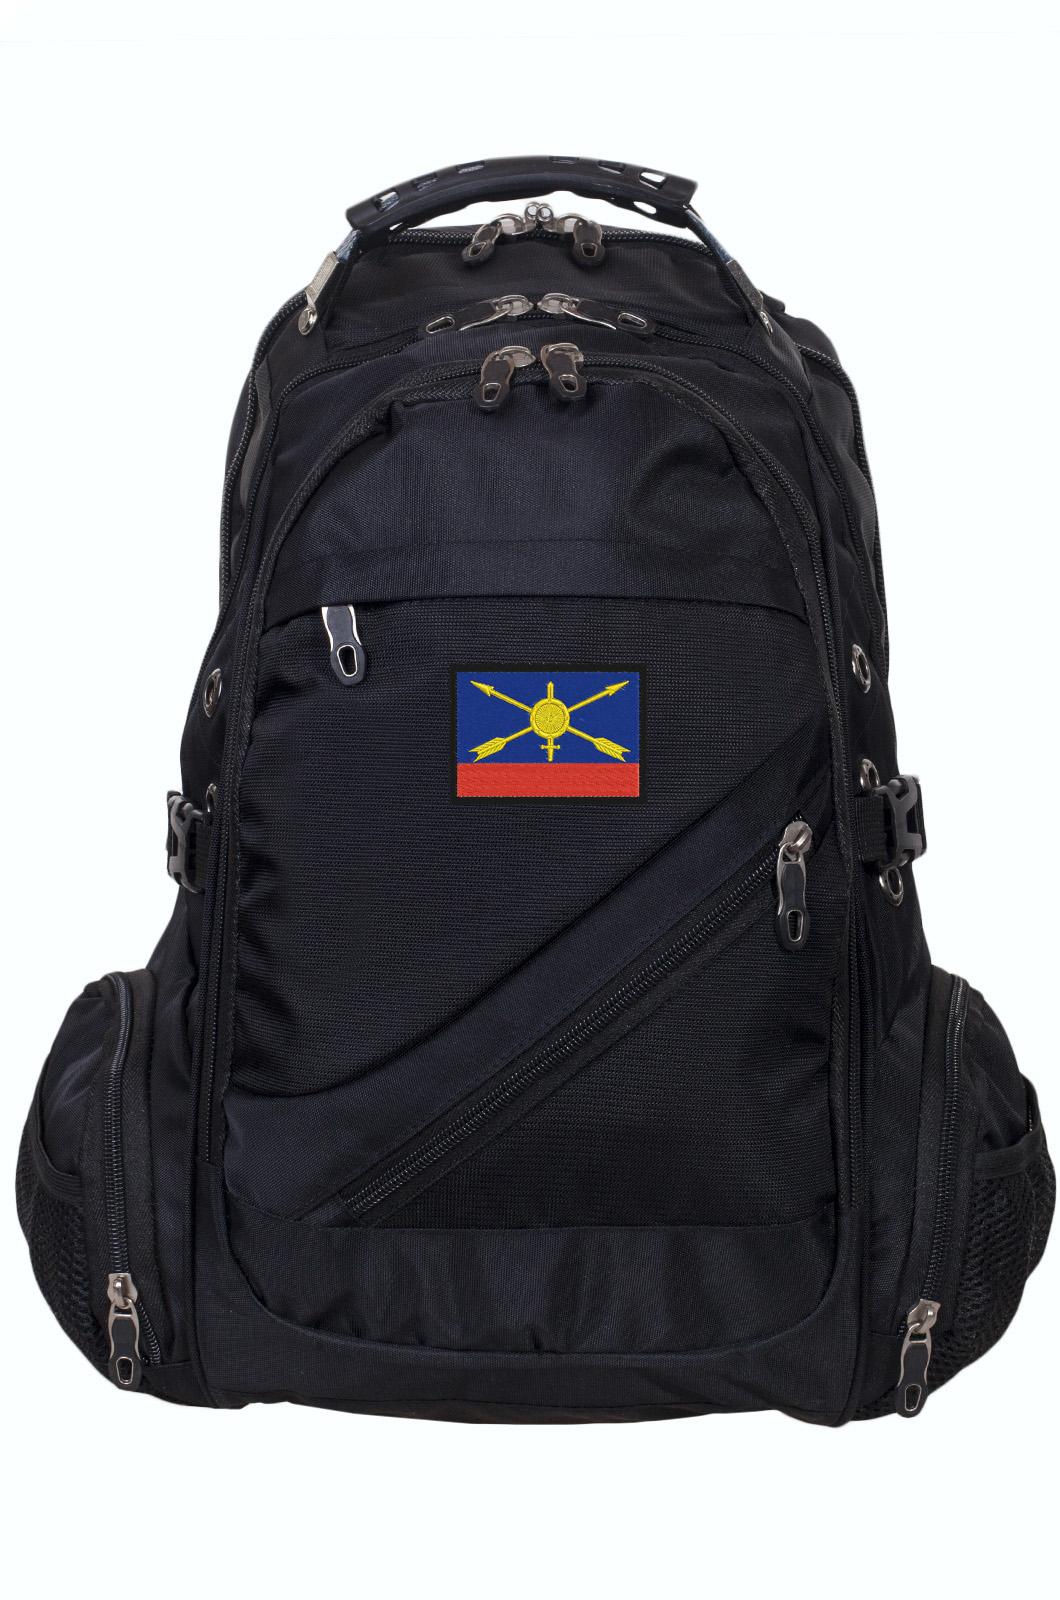 Оригинальный городской рюкзак с эмблемой РВСН